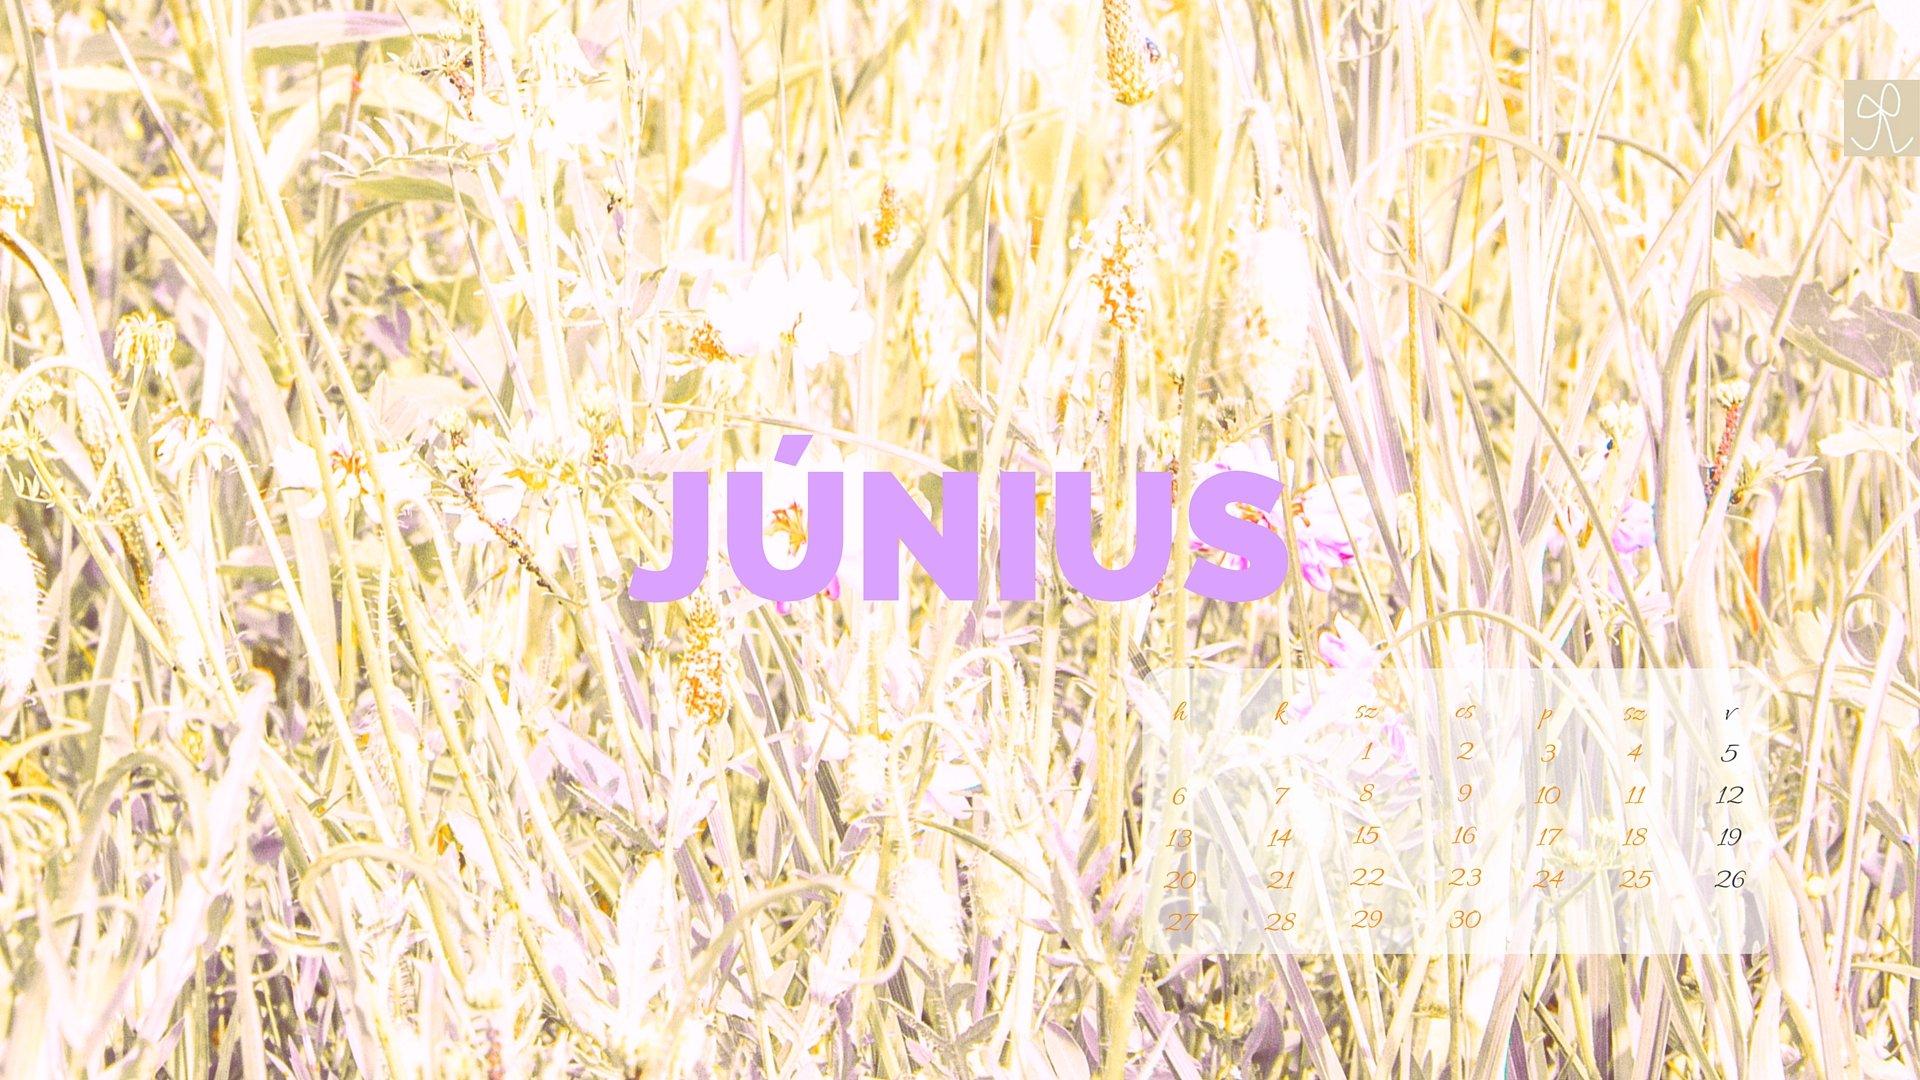 junius(3)